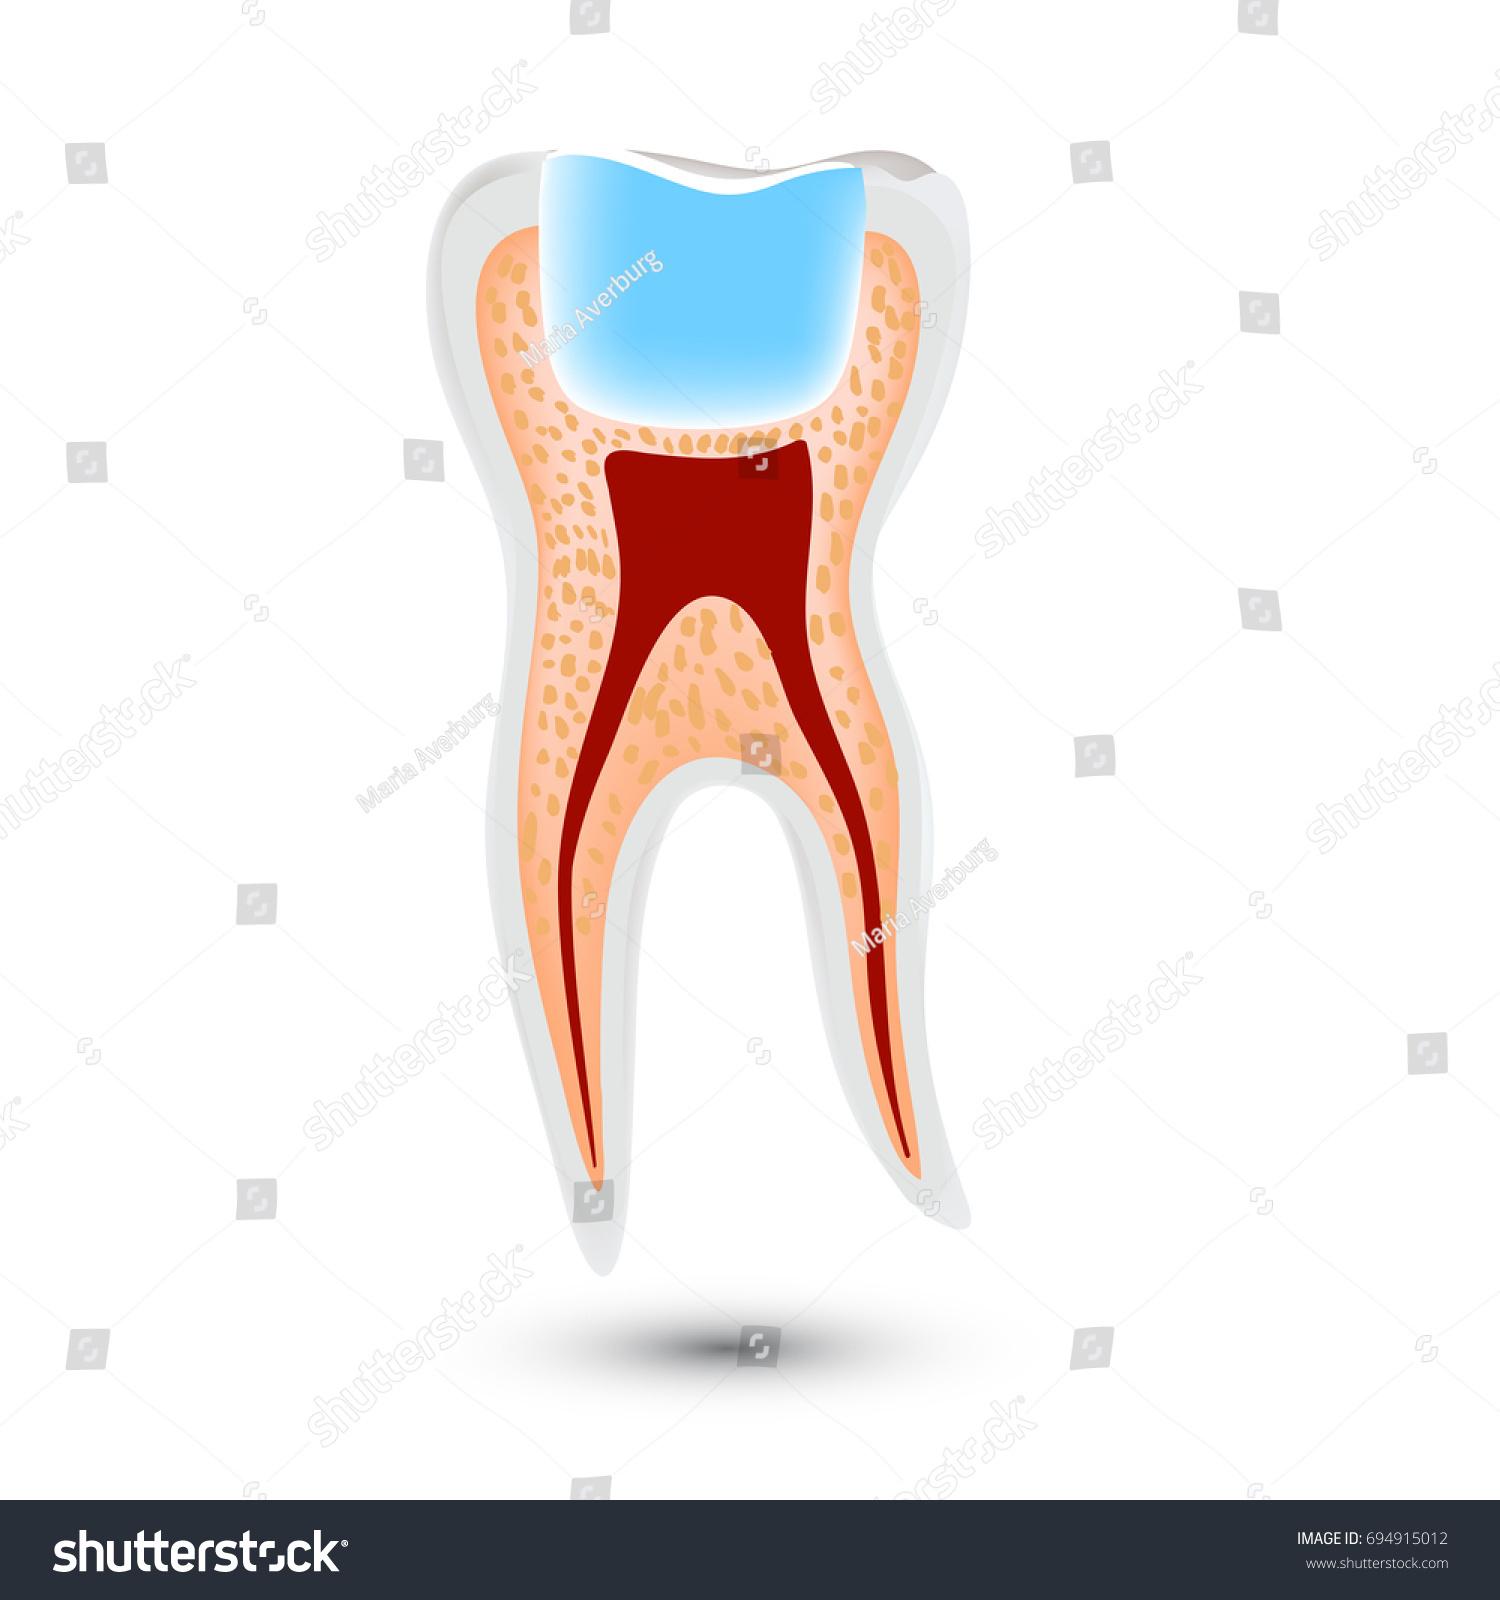 Realistic Teeth Anatomy Illustration Isolated On Stock Illustration ...